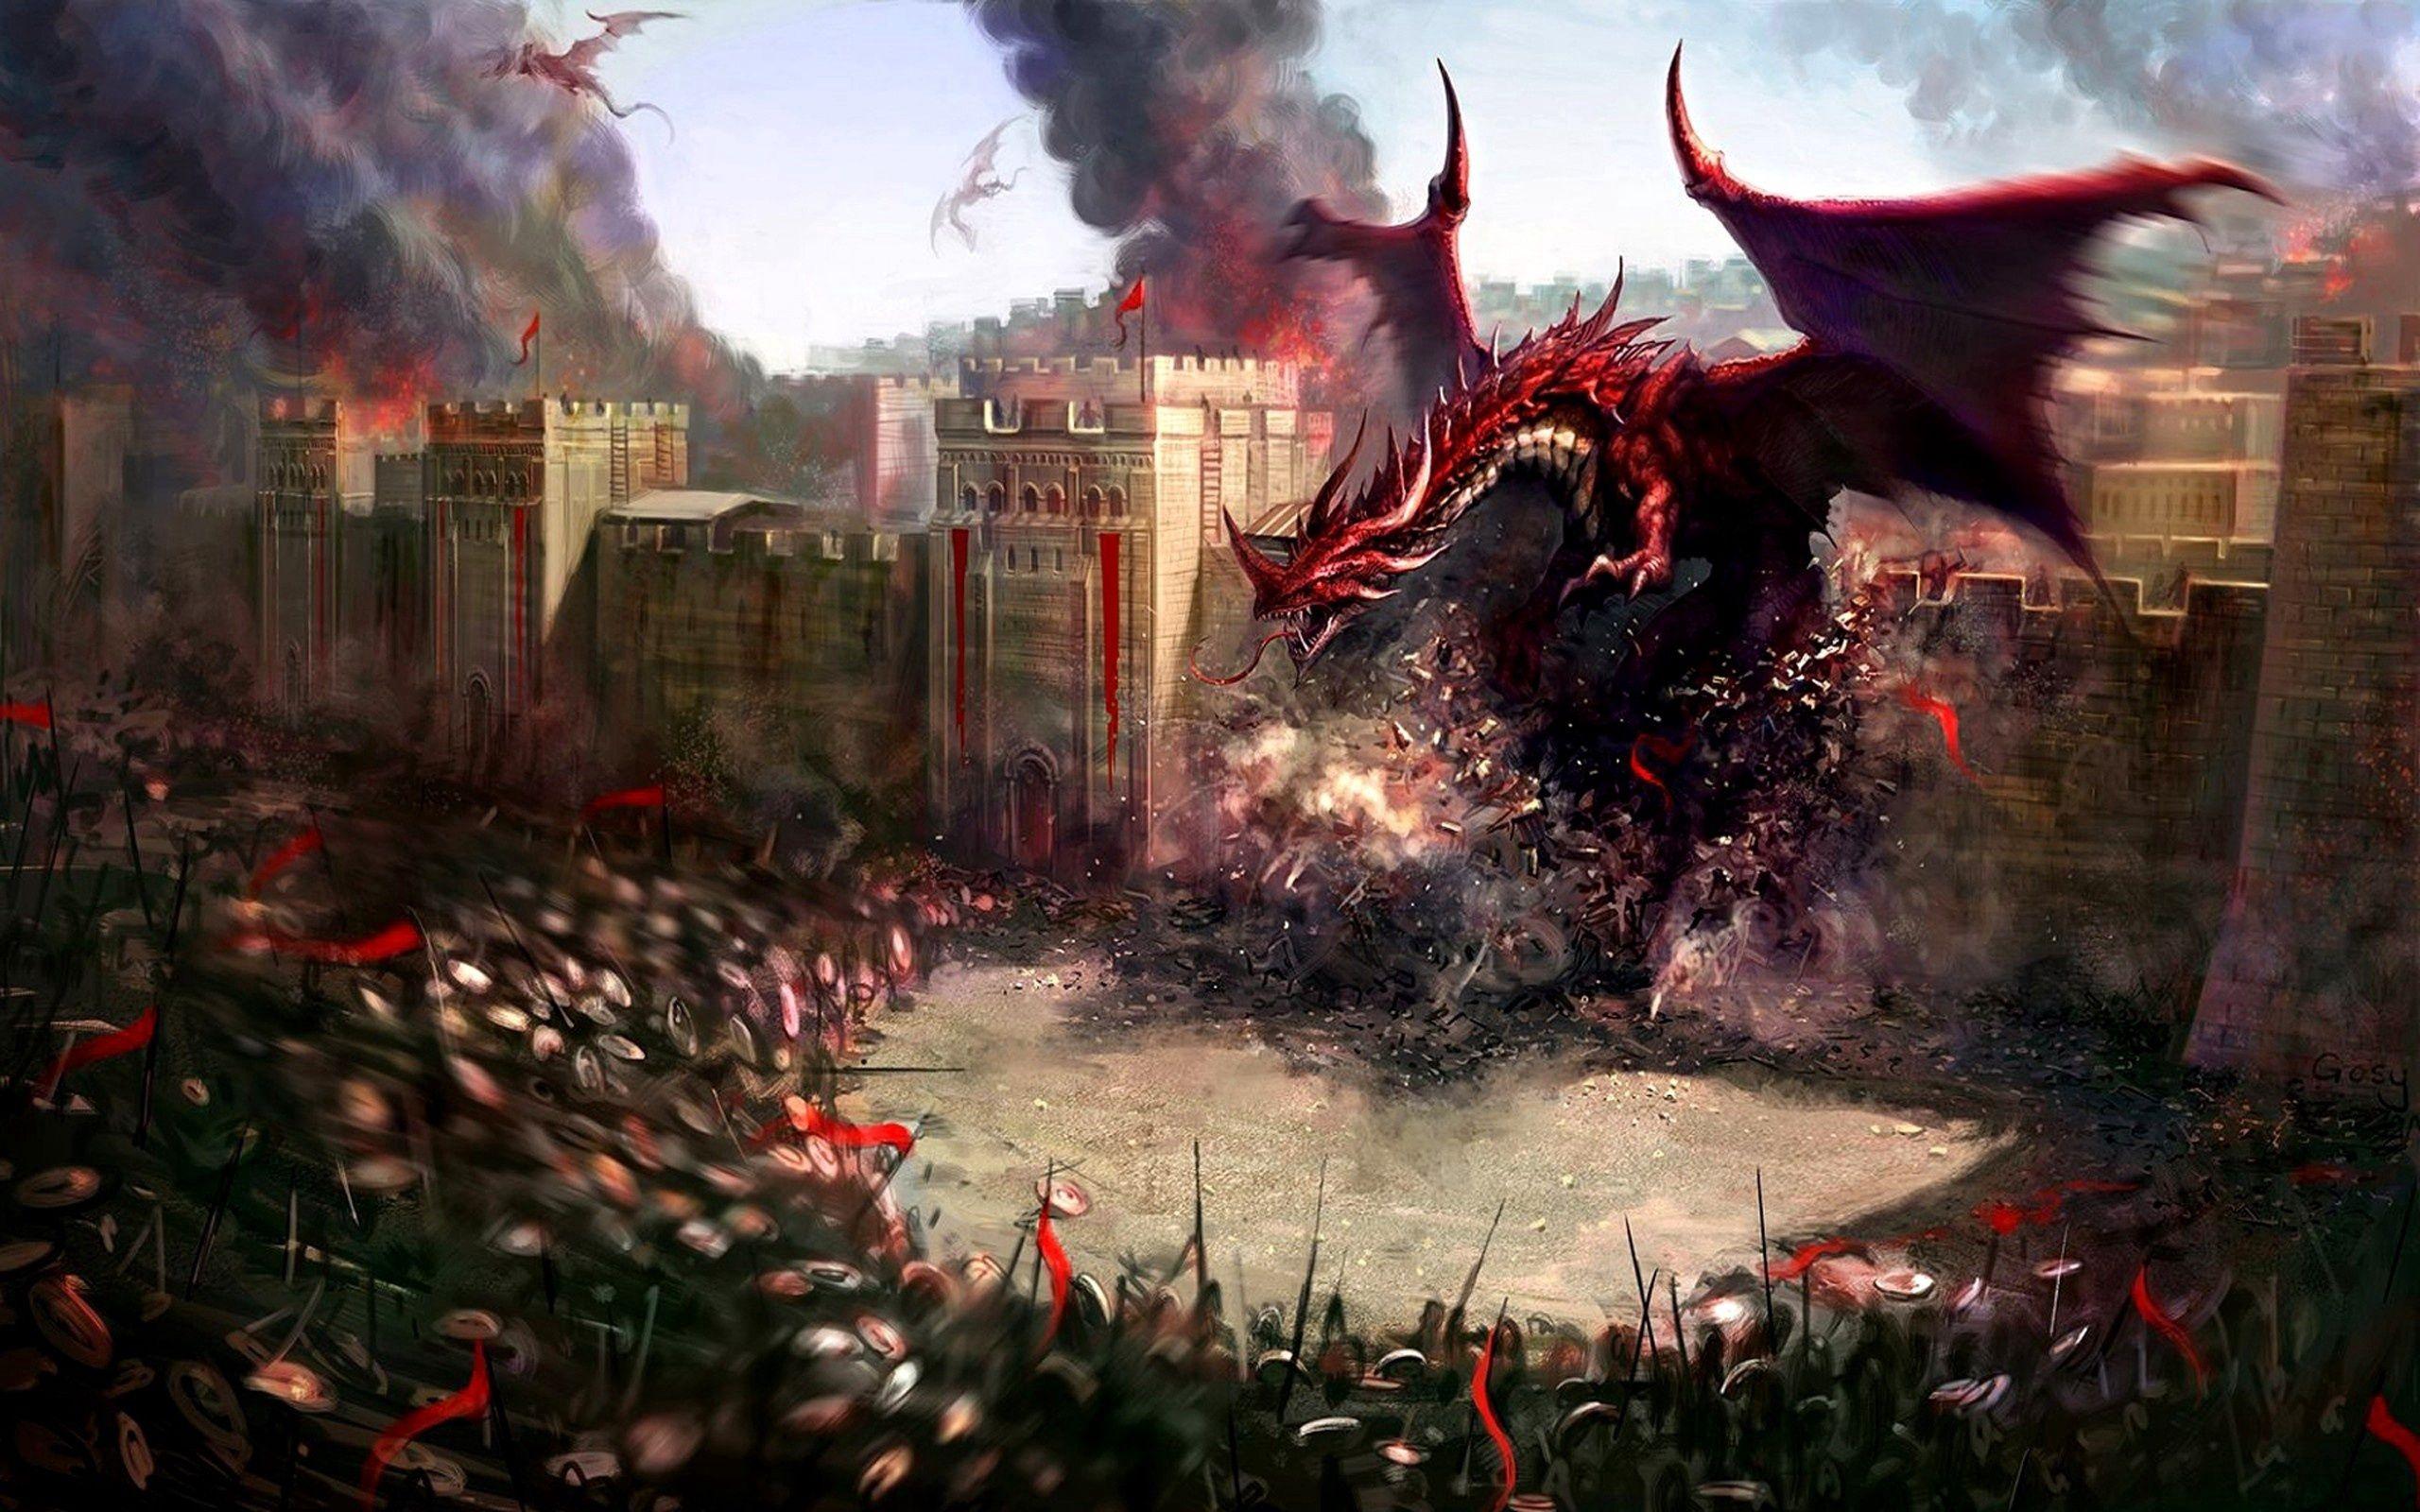 157286 Hintergrundbild herunterladen Fantasie, Dragons, Stadt, Wand, Krieger, Zerstörung, Schutz - Bildschirmschoner und Bilder kostenlos